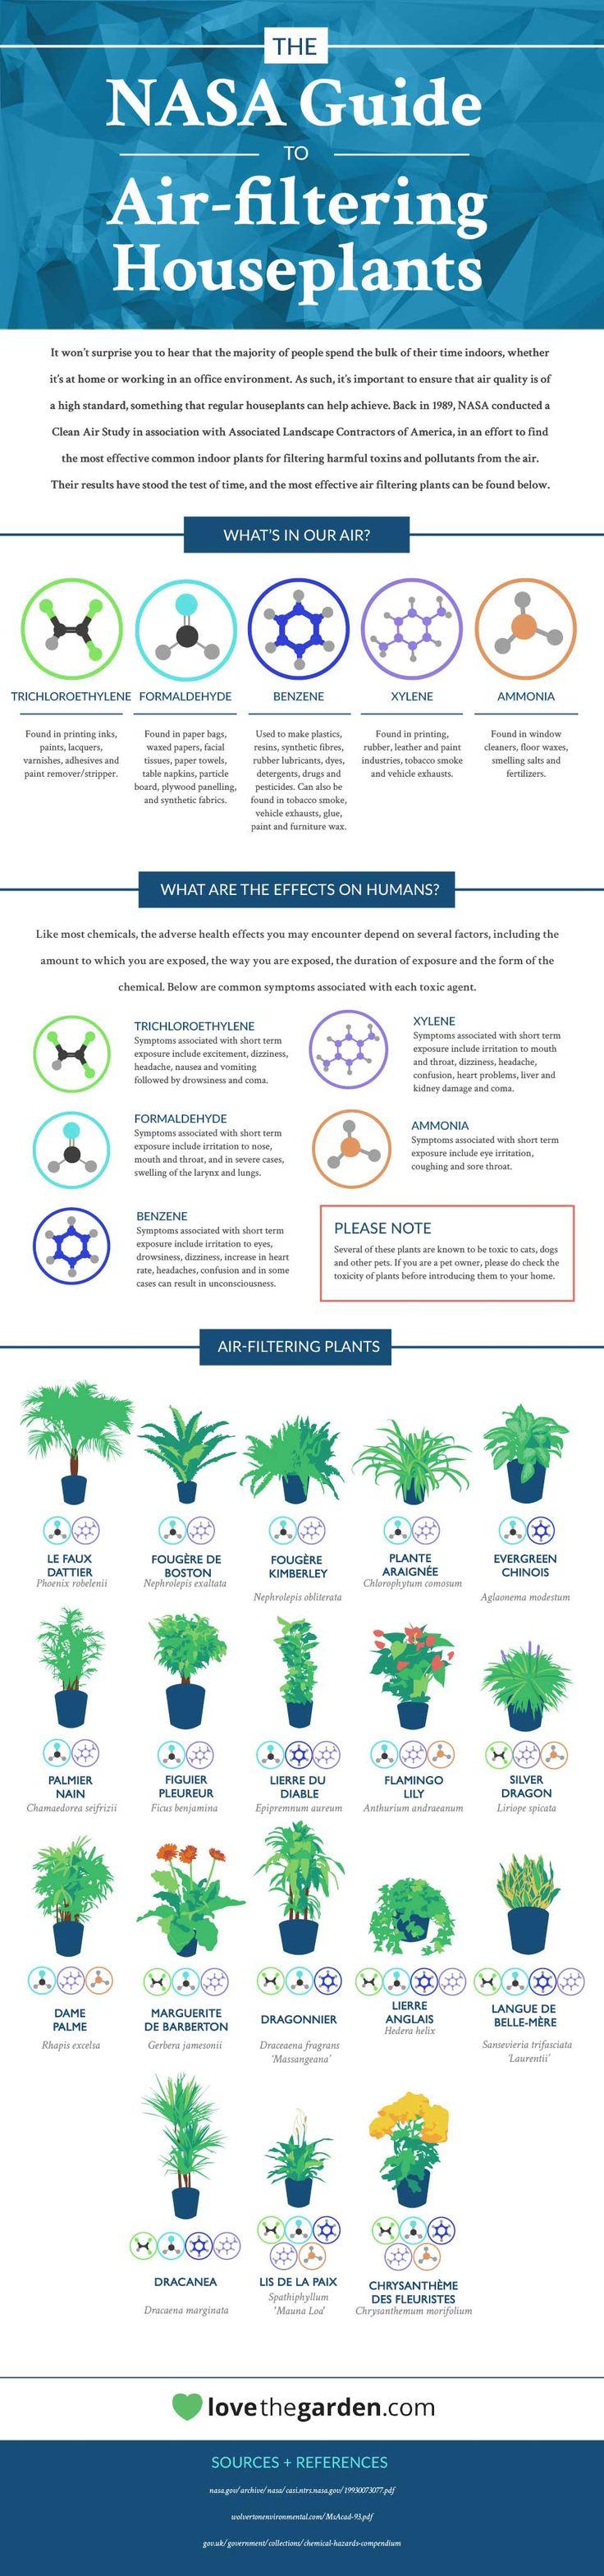 161 best images about projets essayer on pinterest - Les plantes depolluantes purifier l air de la maison ...